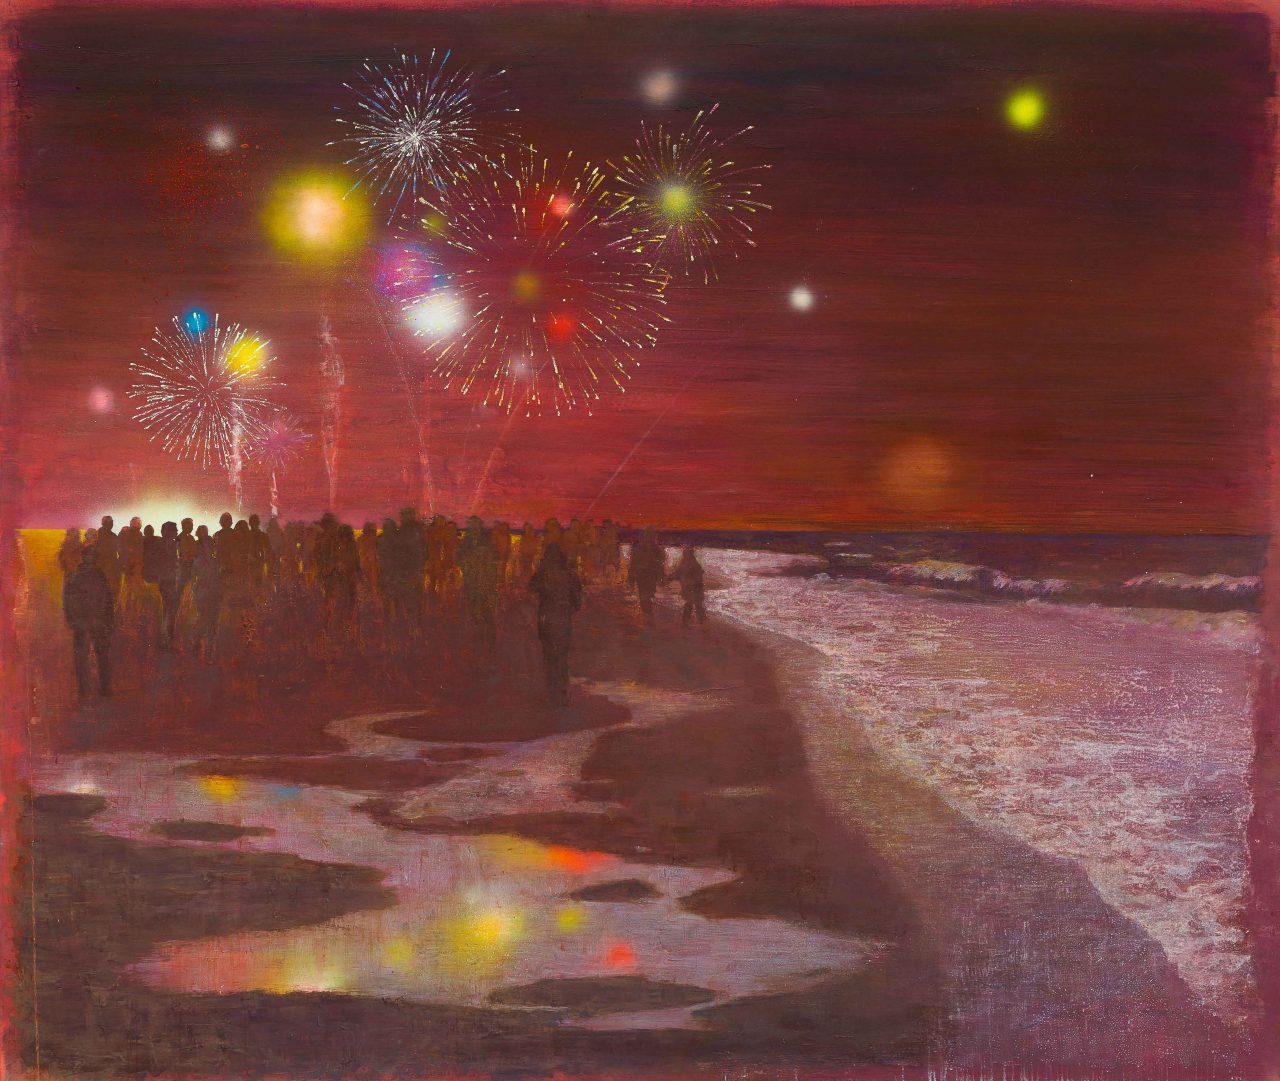 Luftschlösser, 2018, 170 x 200 cm, oil on canvas